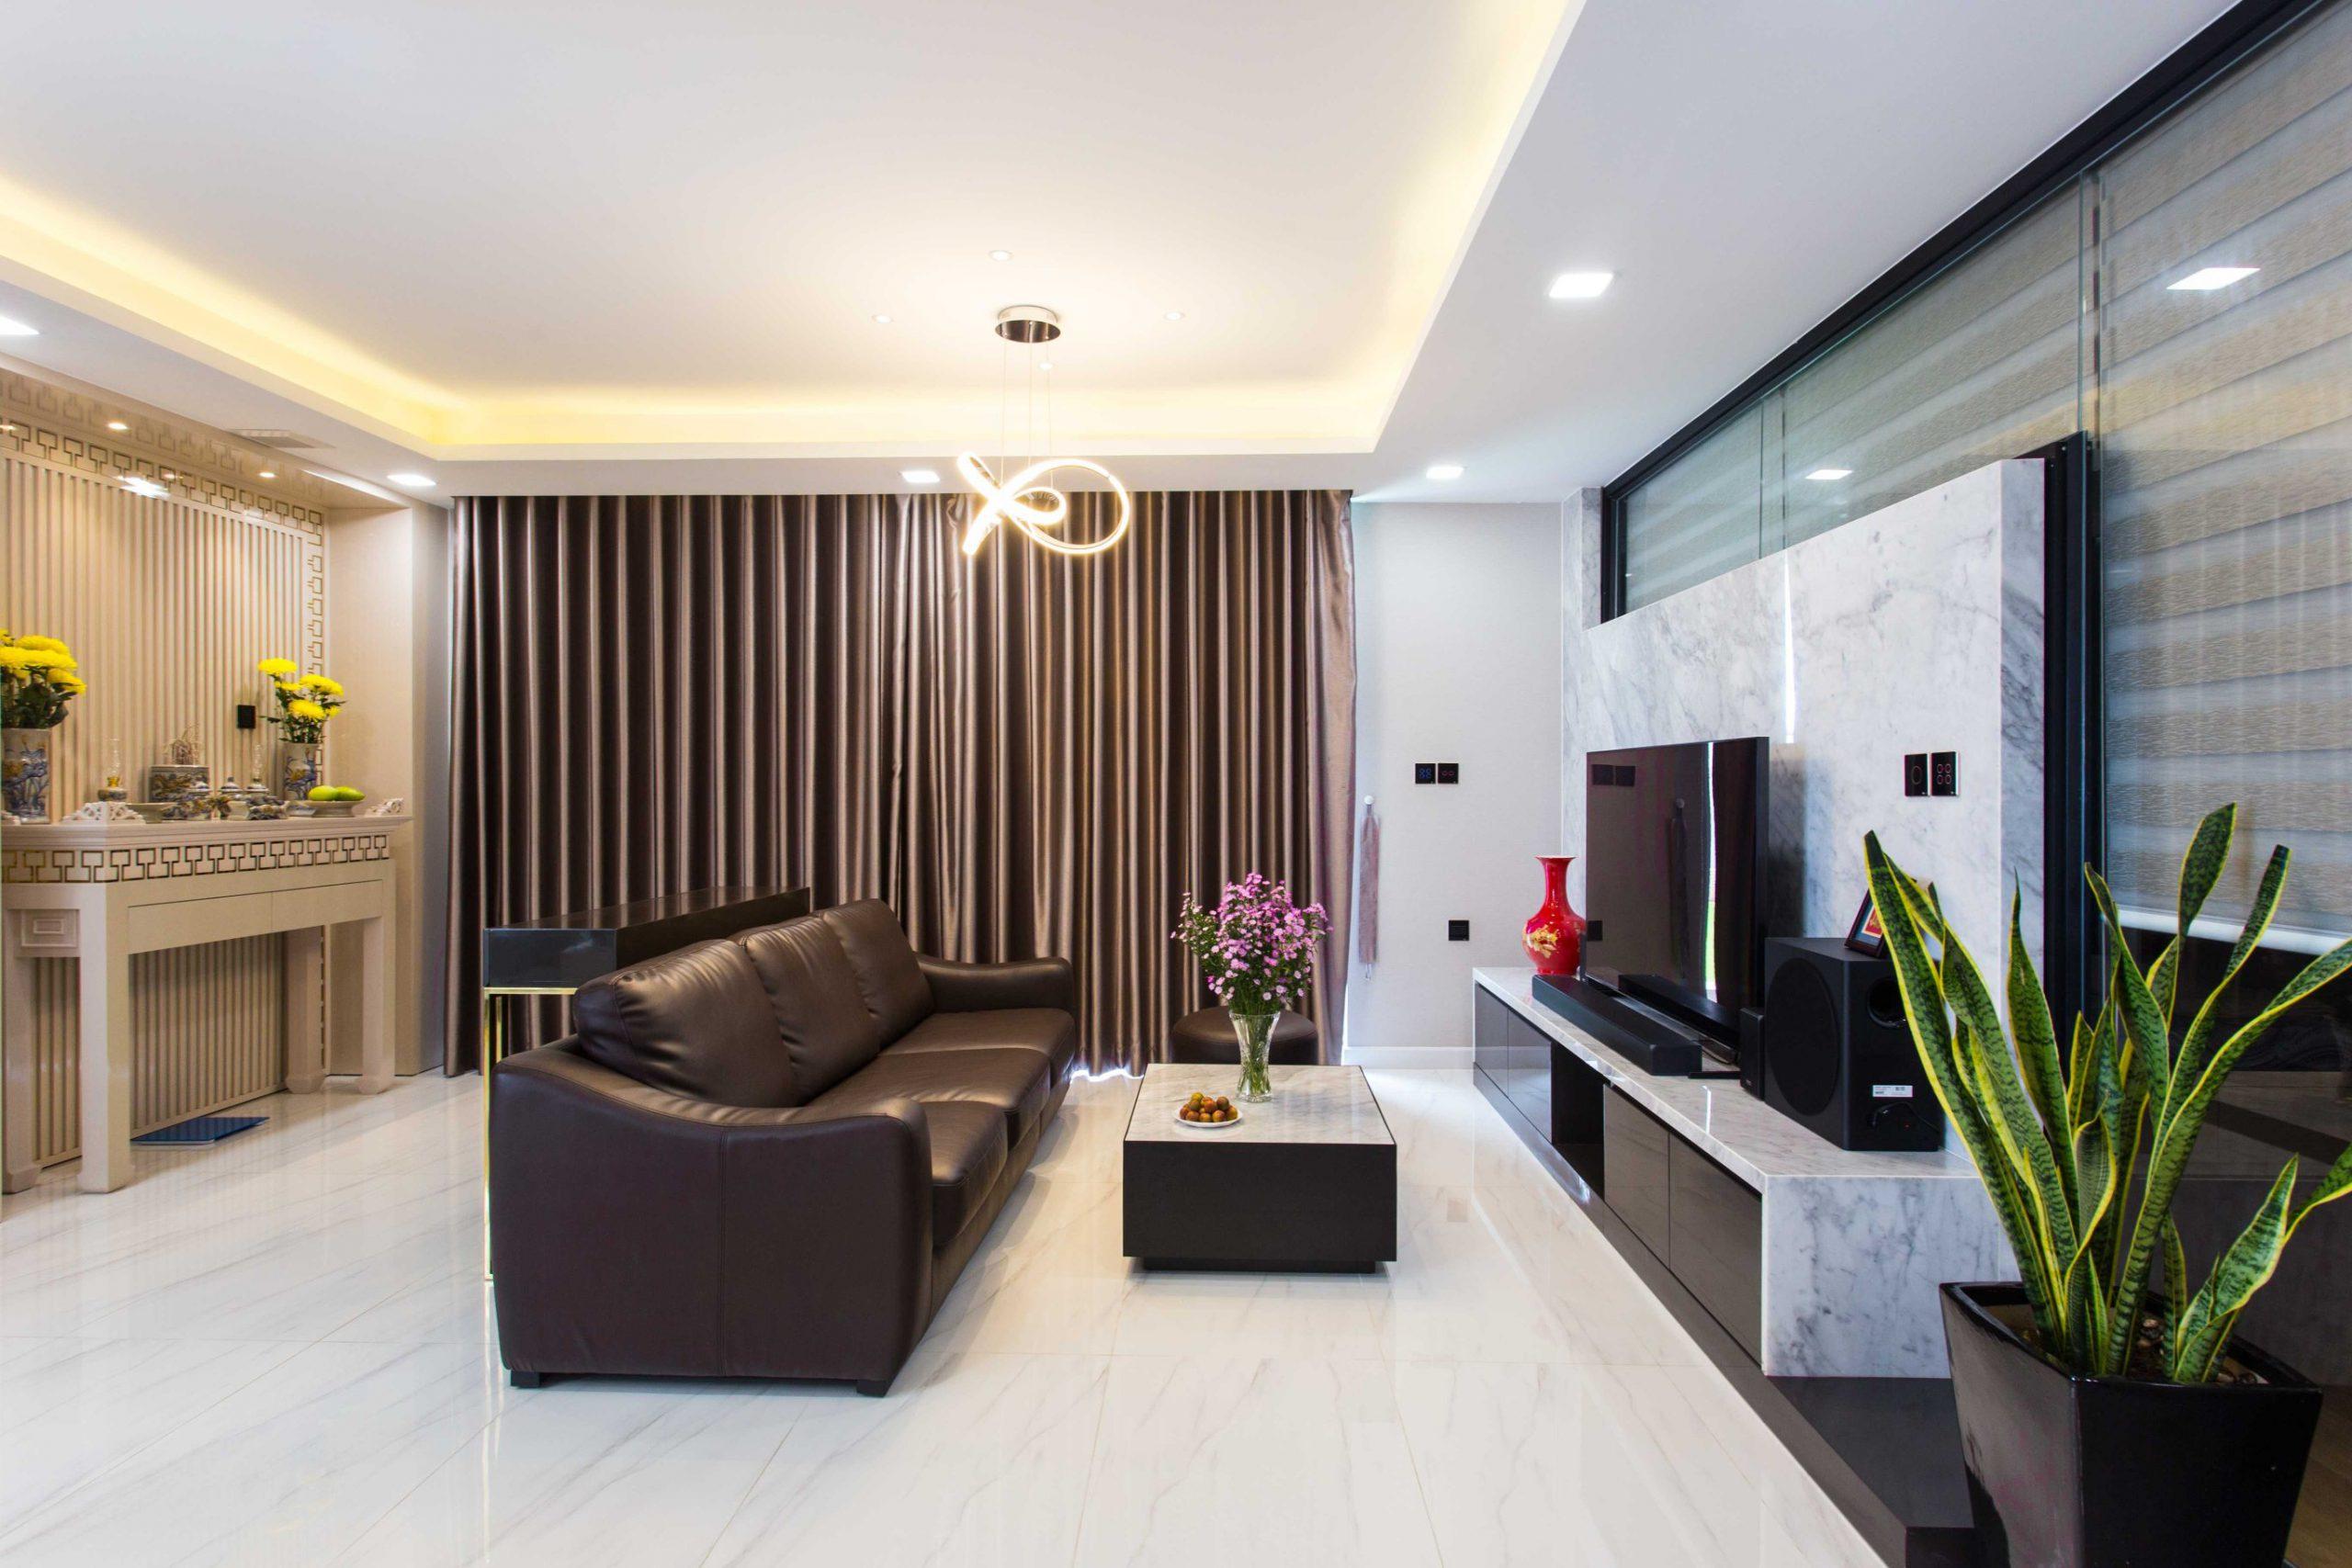 Hình ảnh thực tế thi công nội thất chung cư Kingston 5